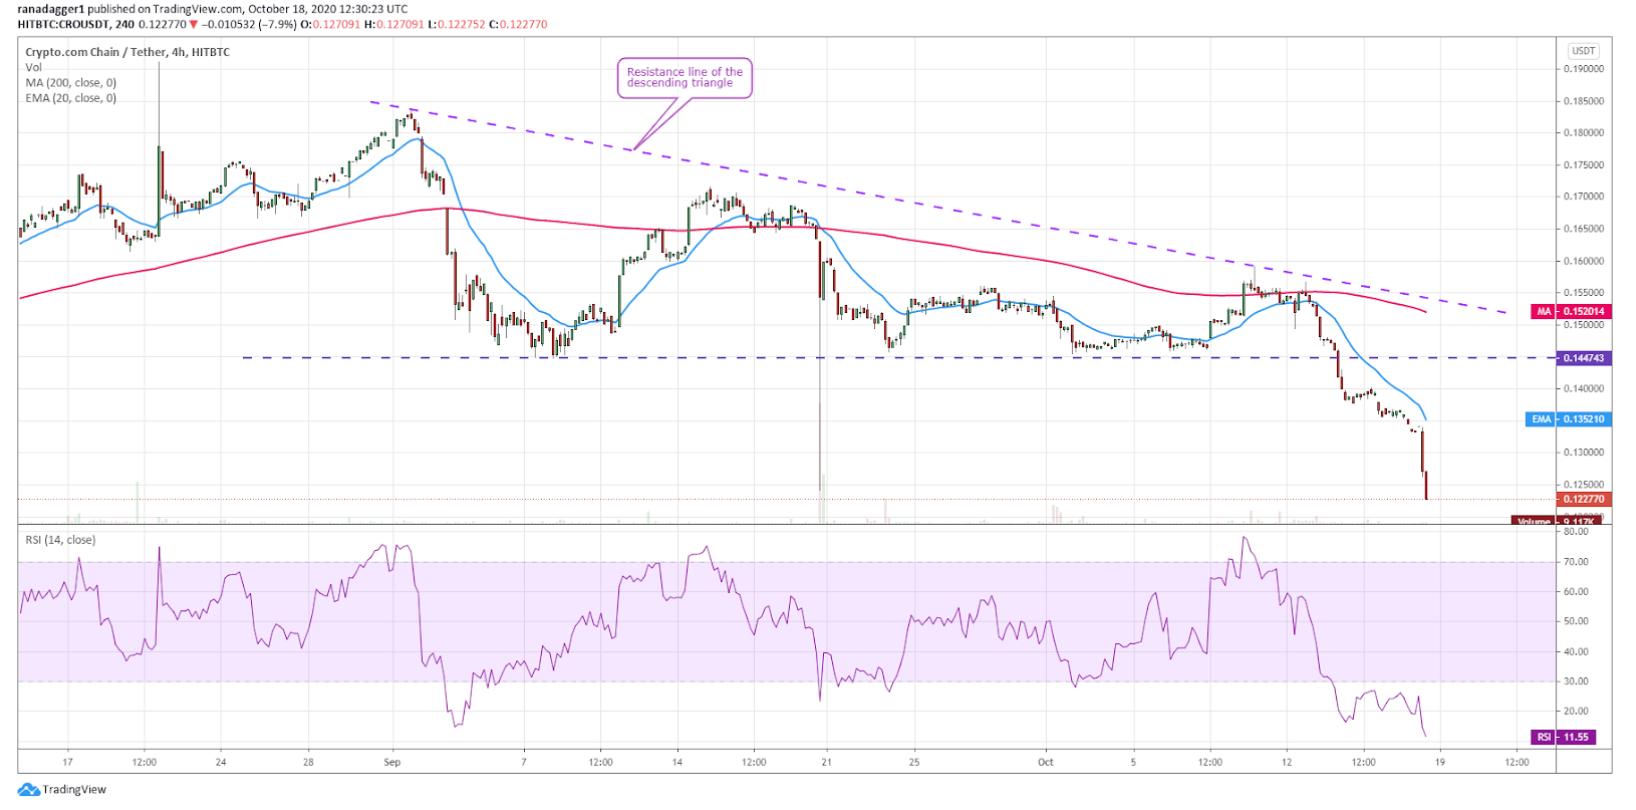 نمودار قیمت کریپتو دات کام کوین / دلار